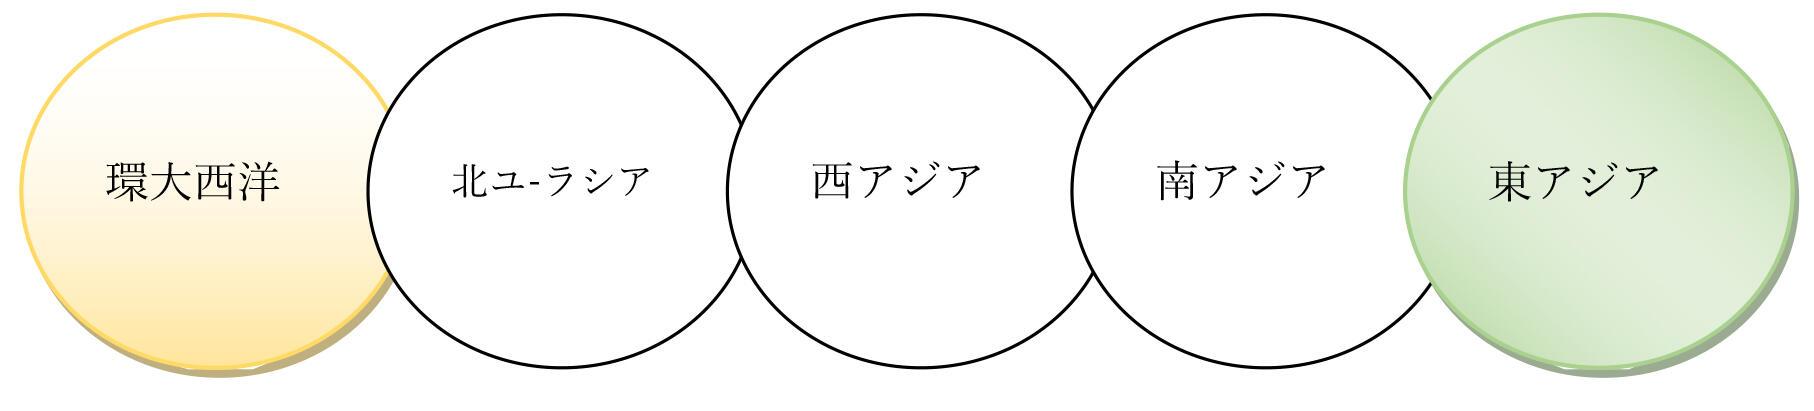 エッセイ202103c-4.jpg